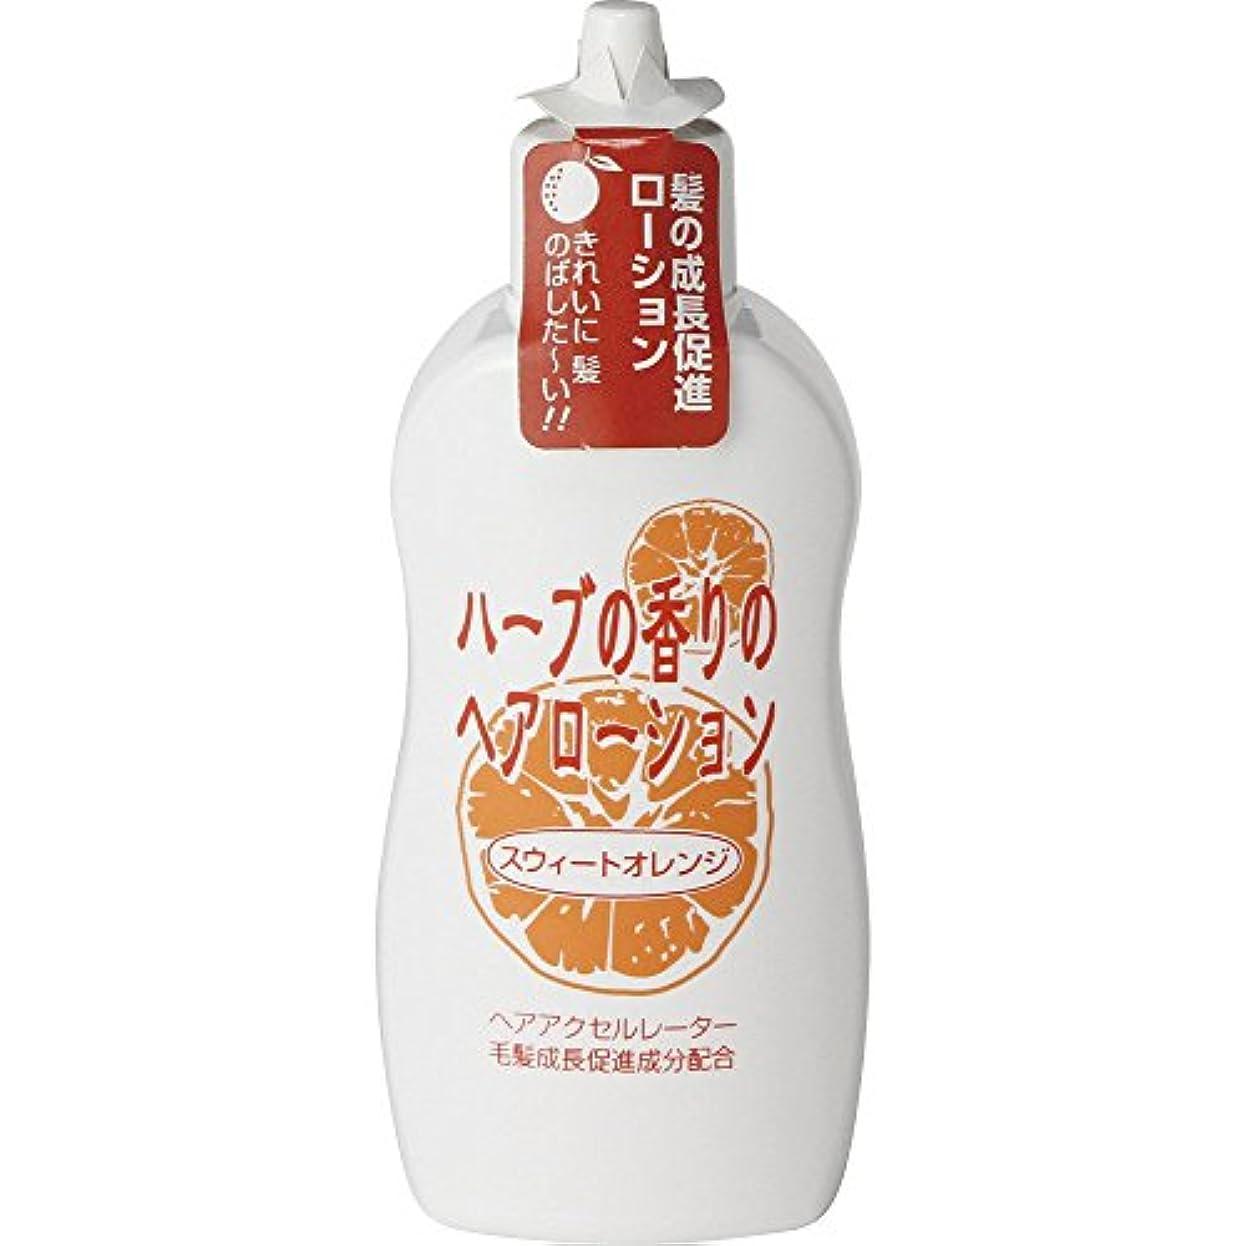 処分した活性化超音速ヘアアクセルレーター スウィートオレンジの香り 150mL